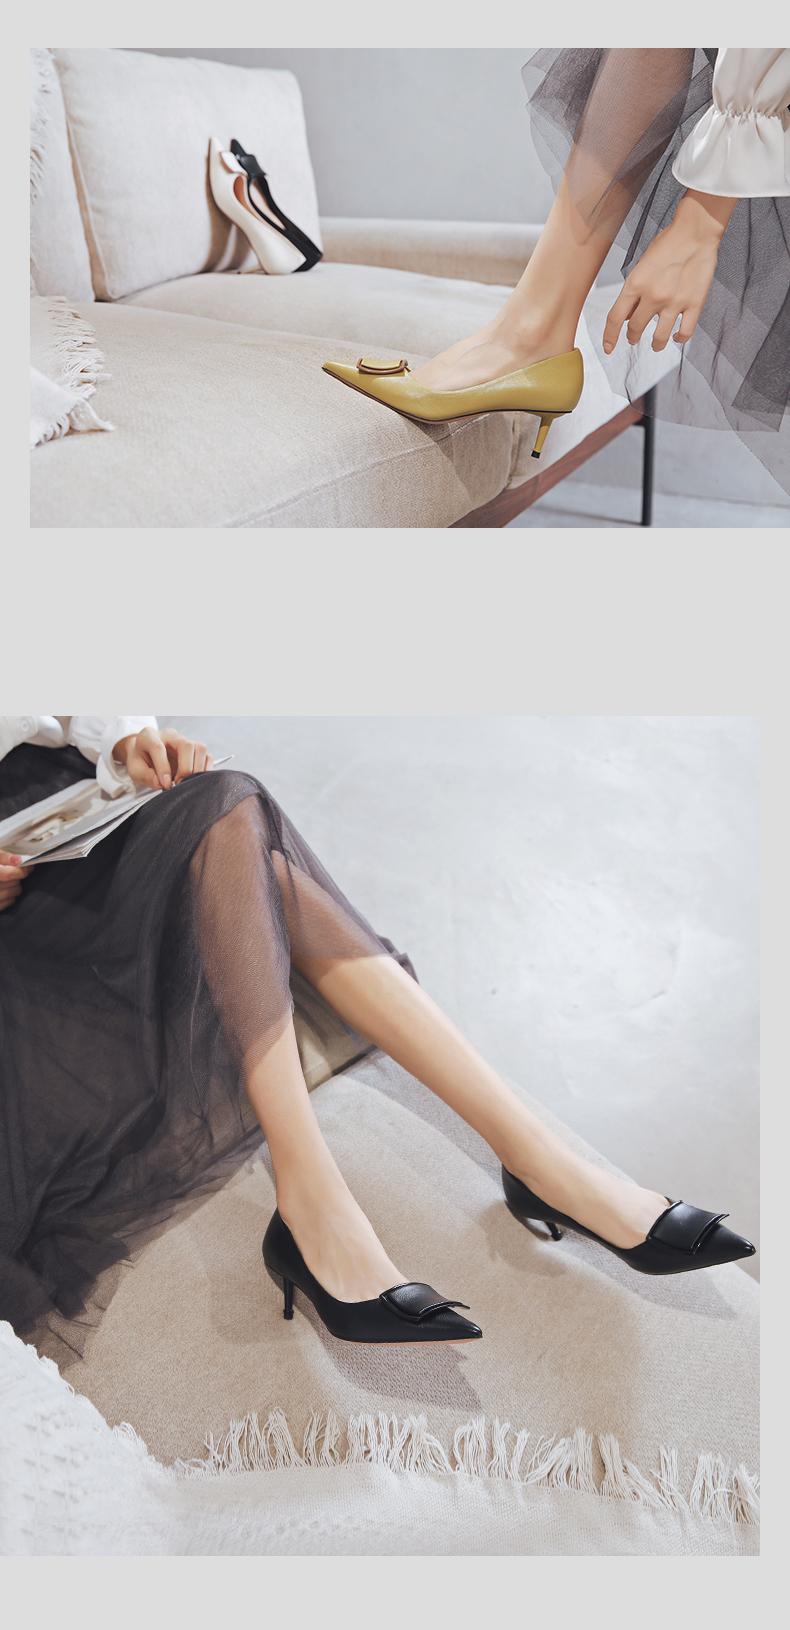 一代佳人高跟鞋夏季新款百搭尖头细跟单鞋女秋款中跟方扣女鞋详细照片